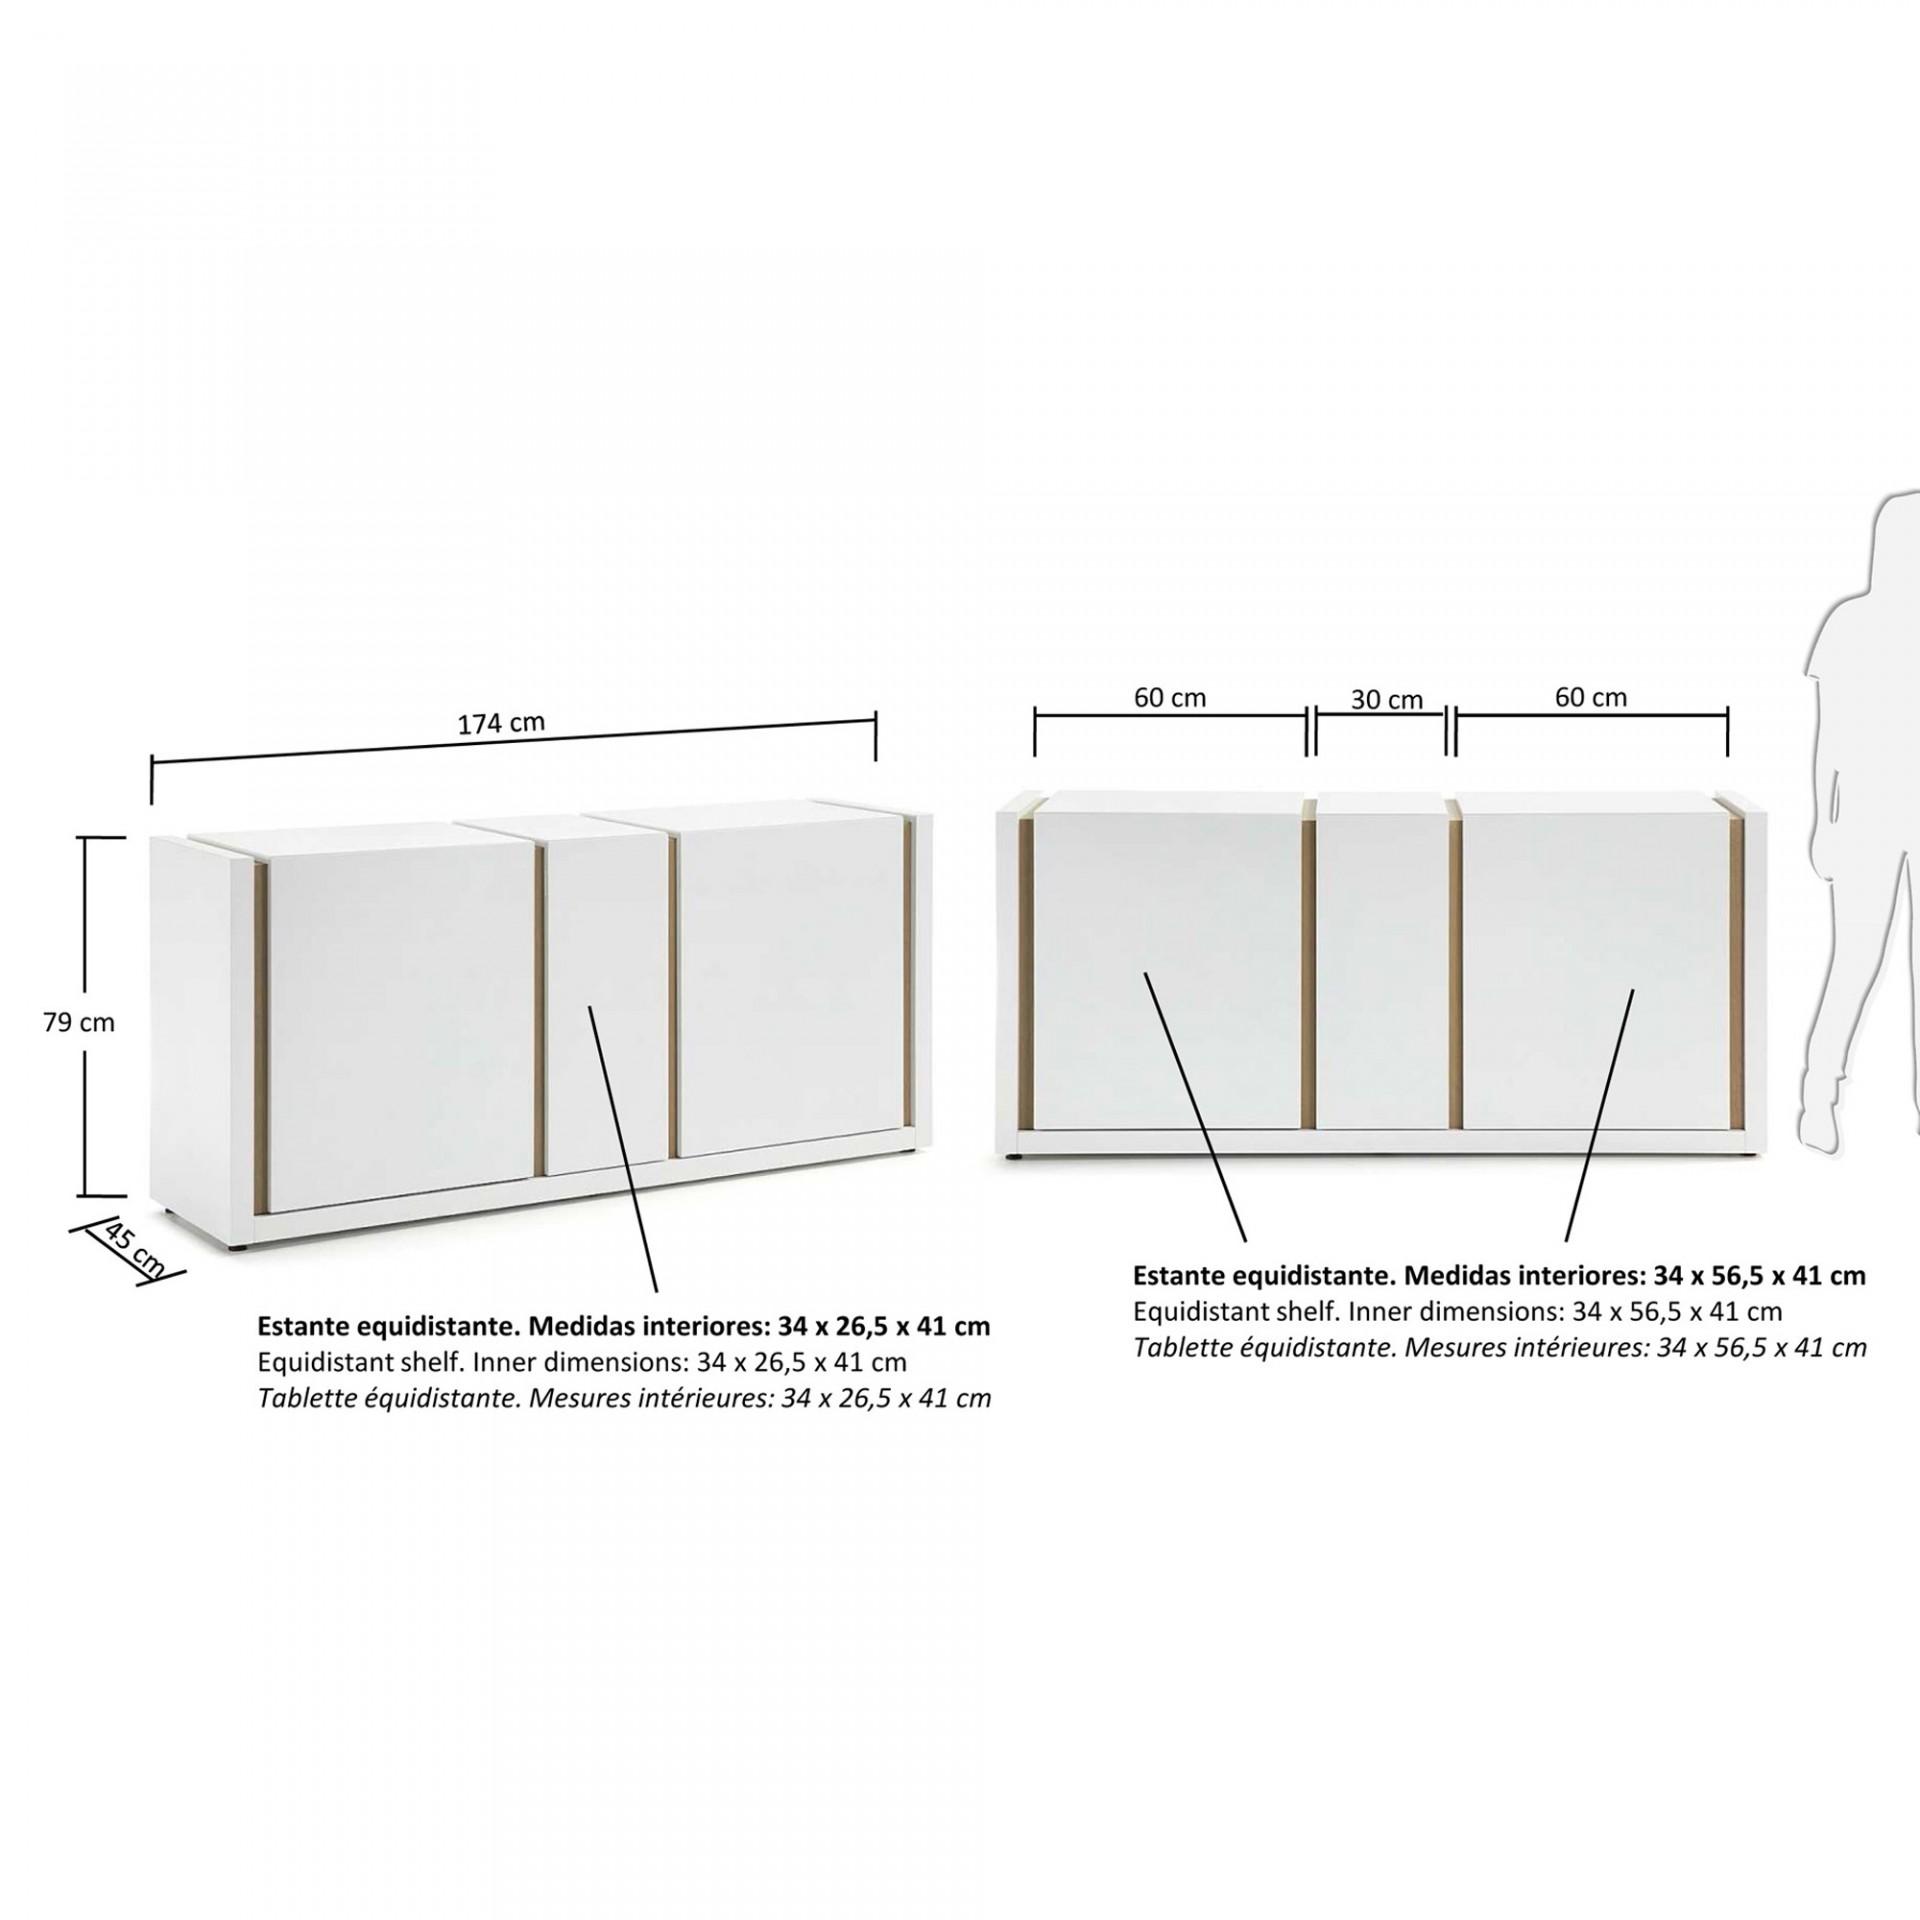 Aparador Dip, madeira de carvalho/MDF lacado, 174x45x79